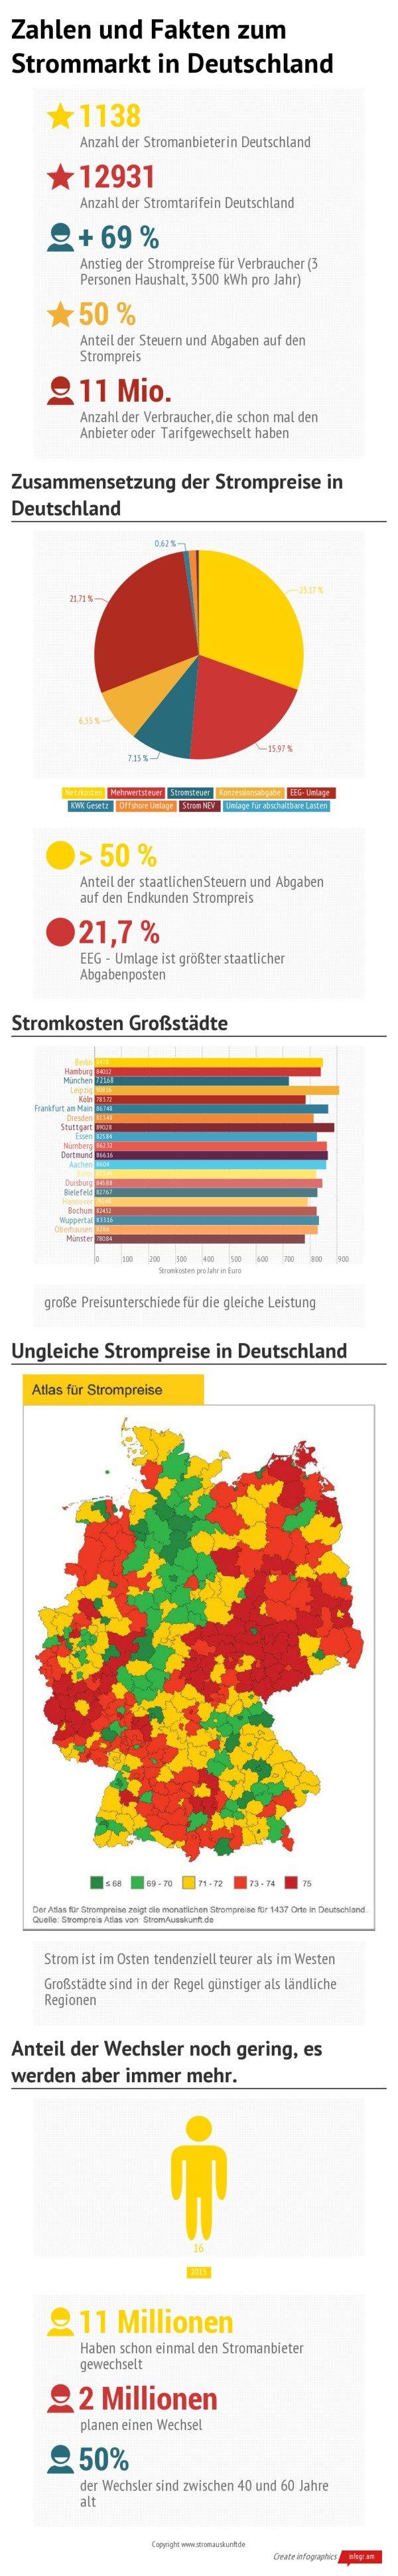 Fakten zum deutschen Strommarkt